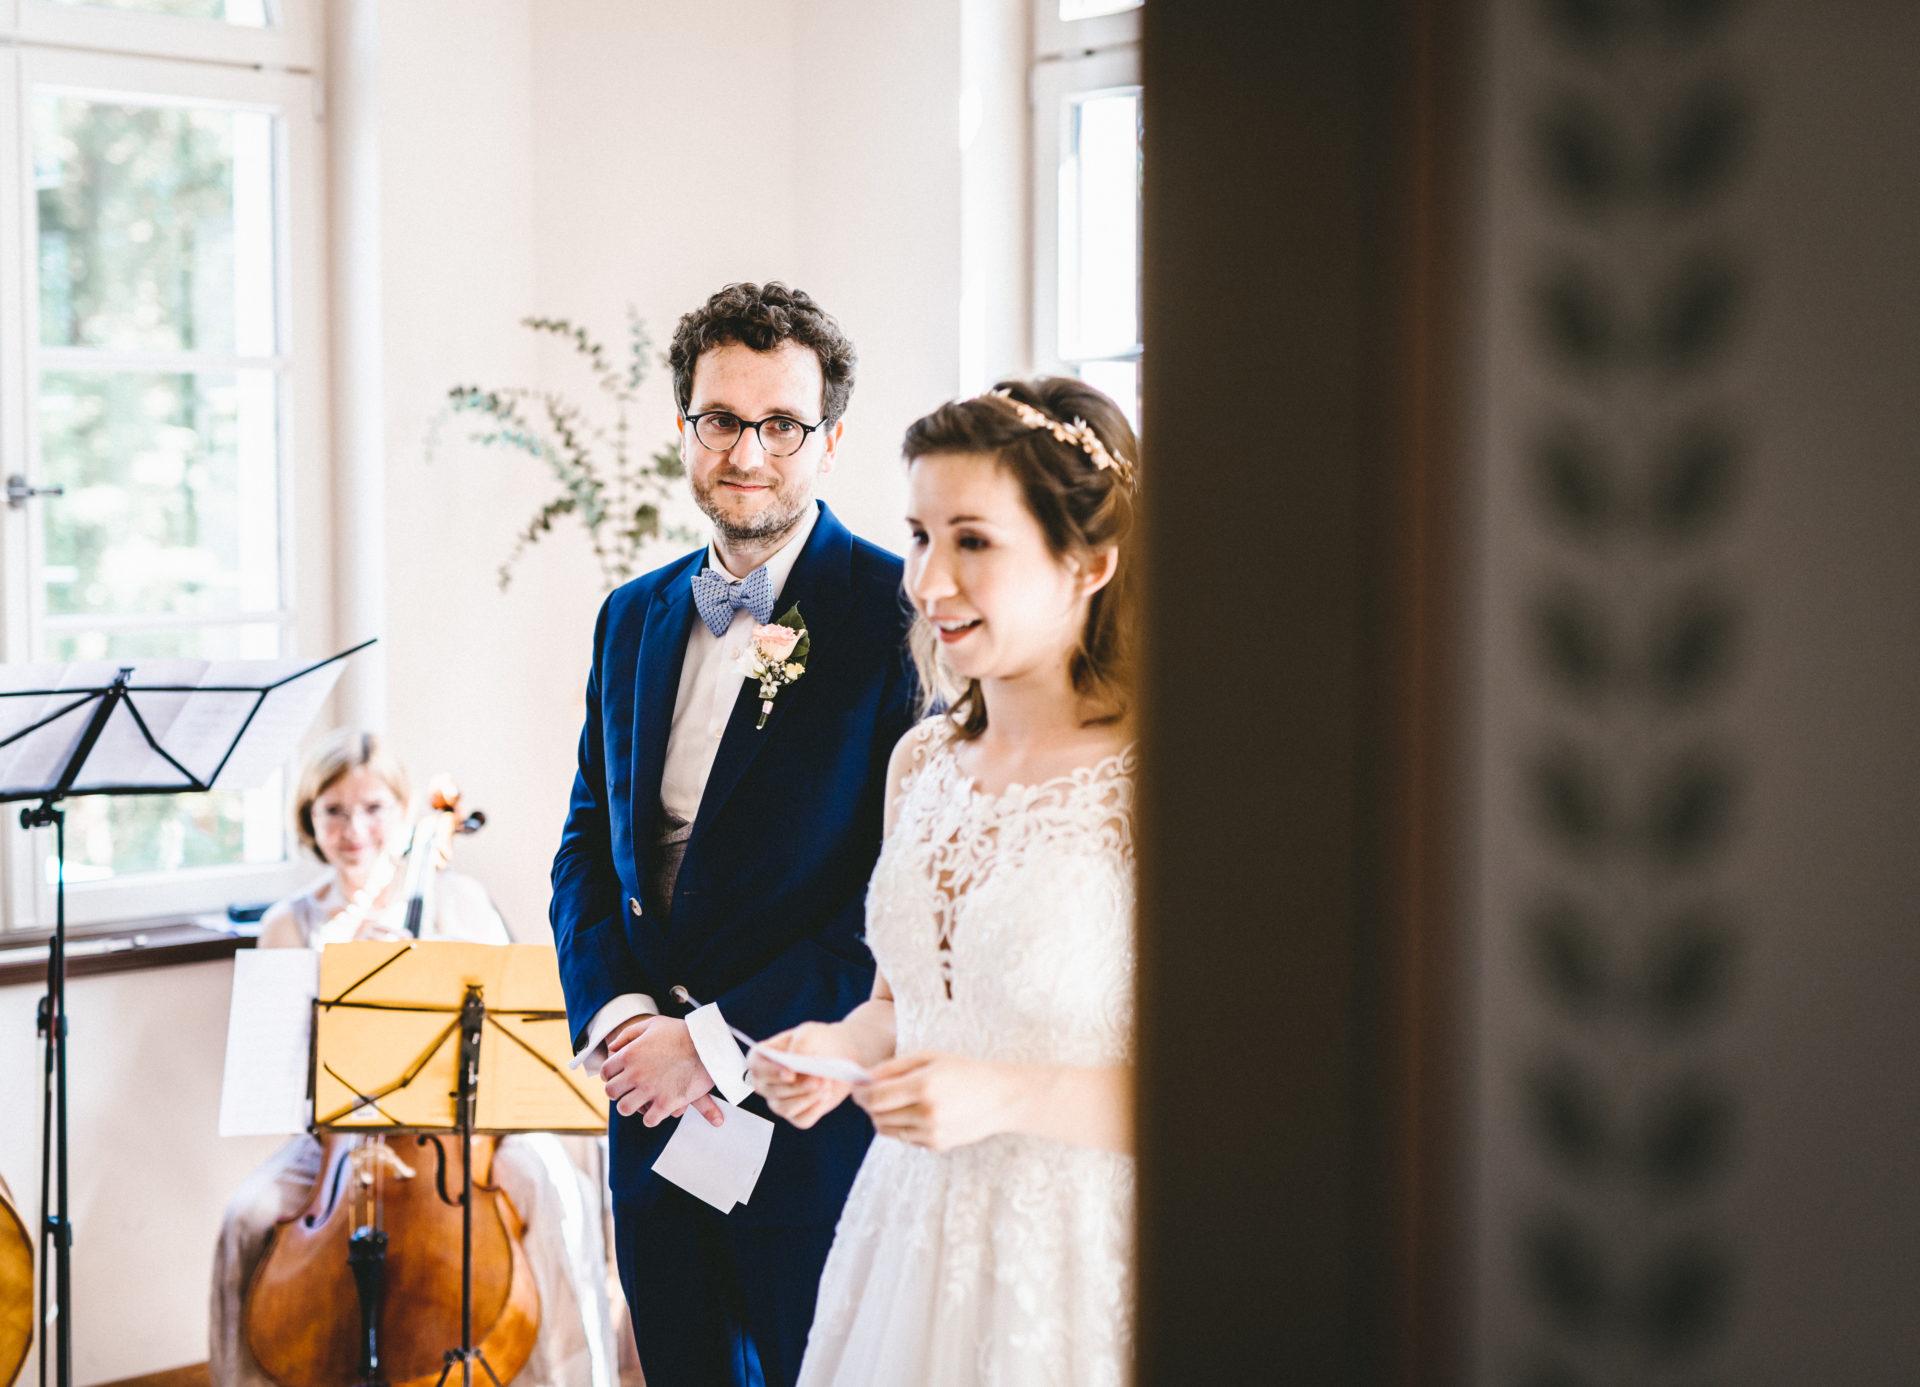 Hochzeitsreportage, Portfolio | Freie Trauung im Herrenhaus Möckern in Leipzig | 23